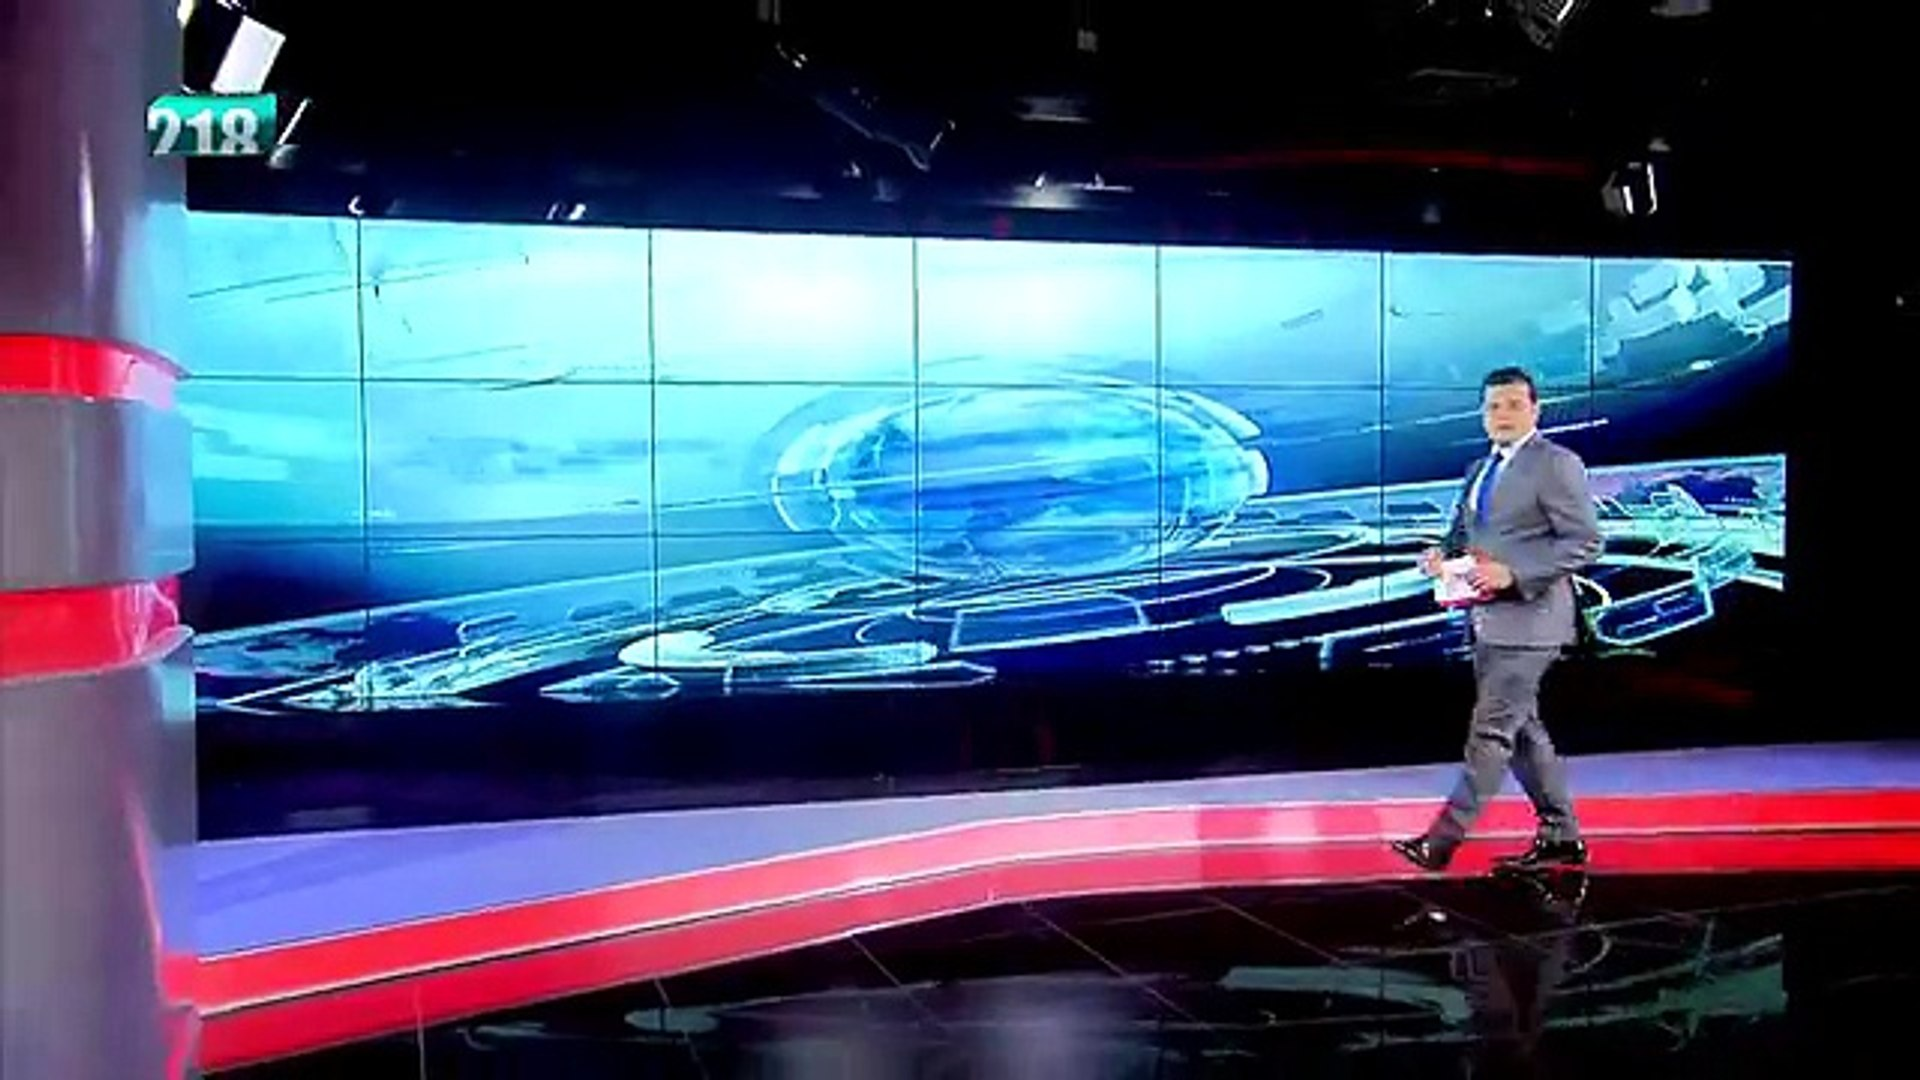 تشاهدون في نشرة أخبار الثامنة:- مجلس الأمن يمدد العقوبات على ليبيا حتى 2020- الخارجية البلجيكية تنفي